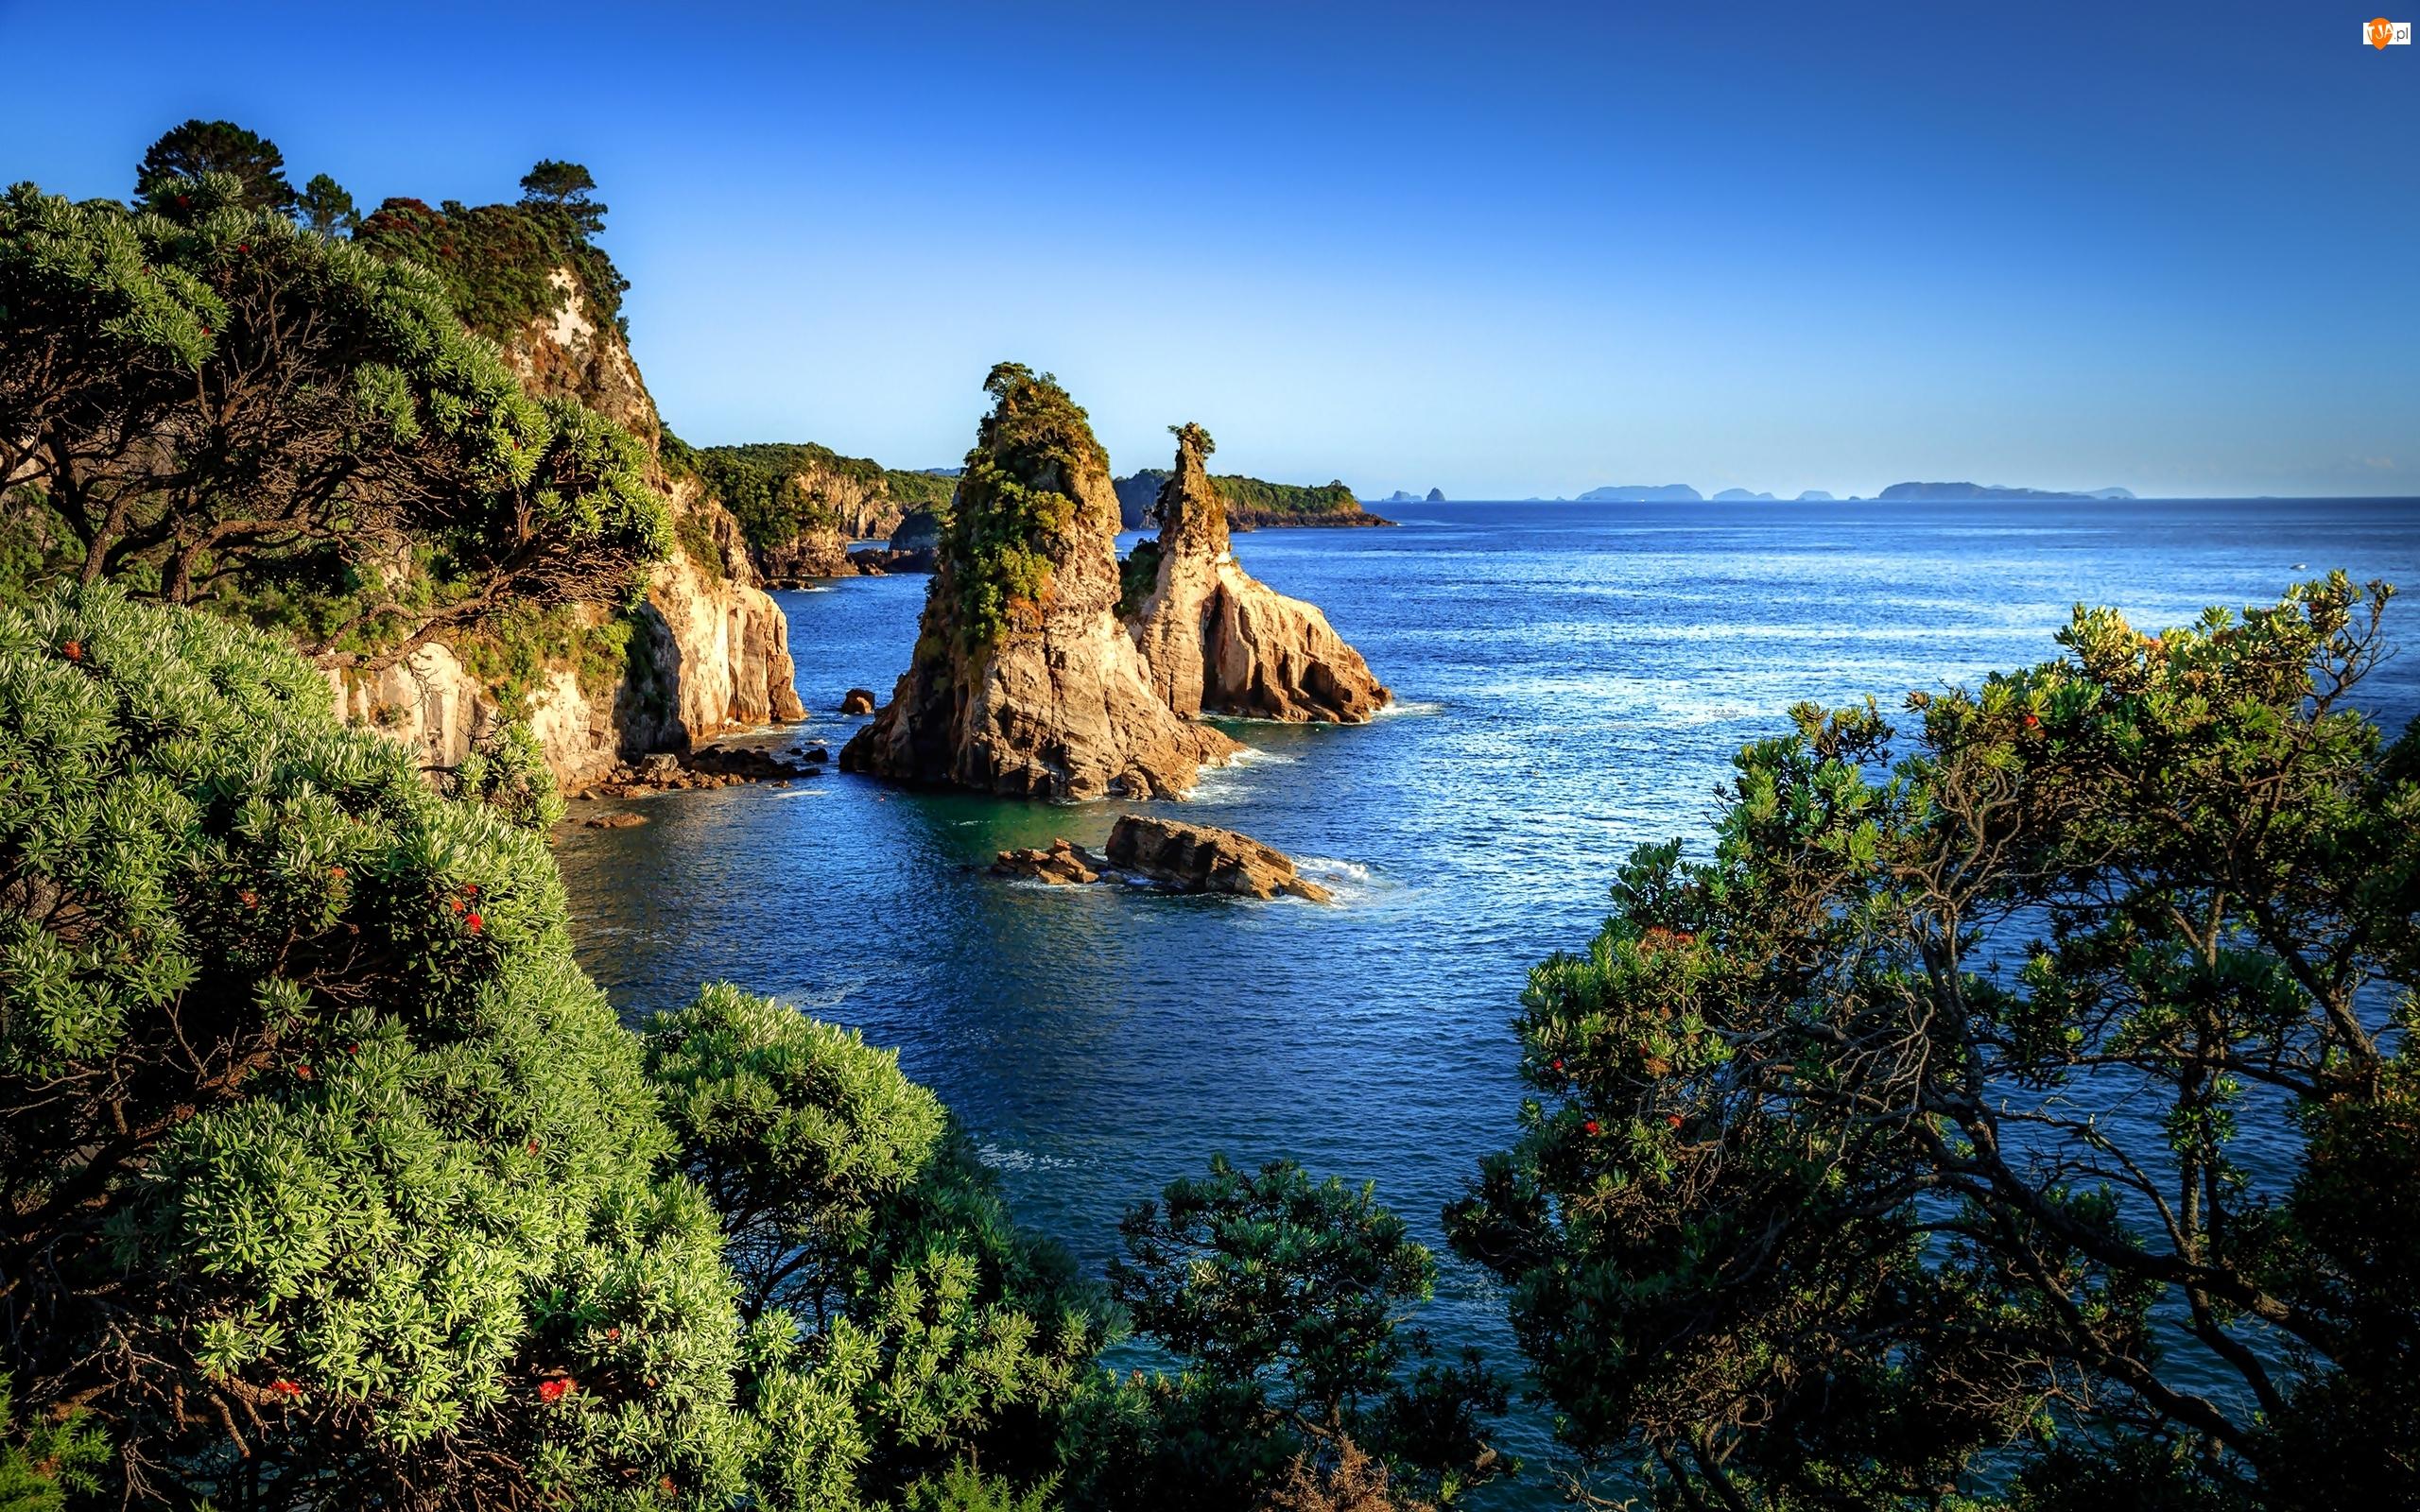 Morze, Wybrzeże, Nowa Zelandia, Krzewy, Hahei, Skały